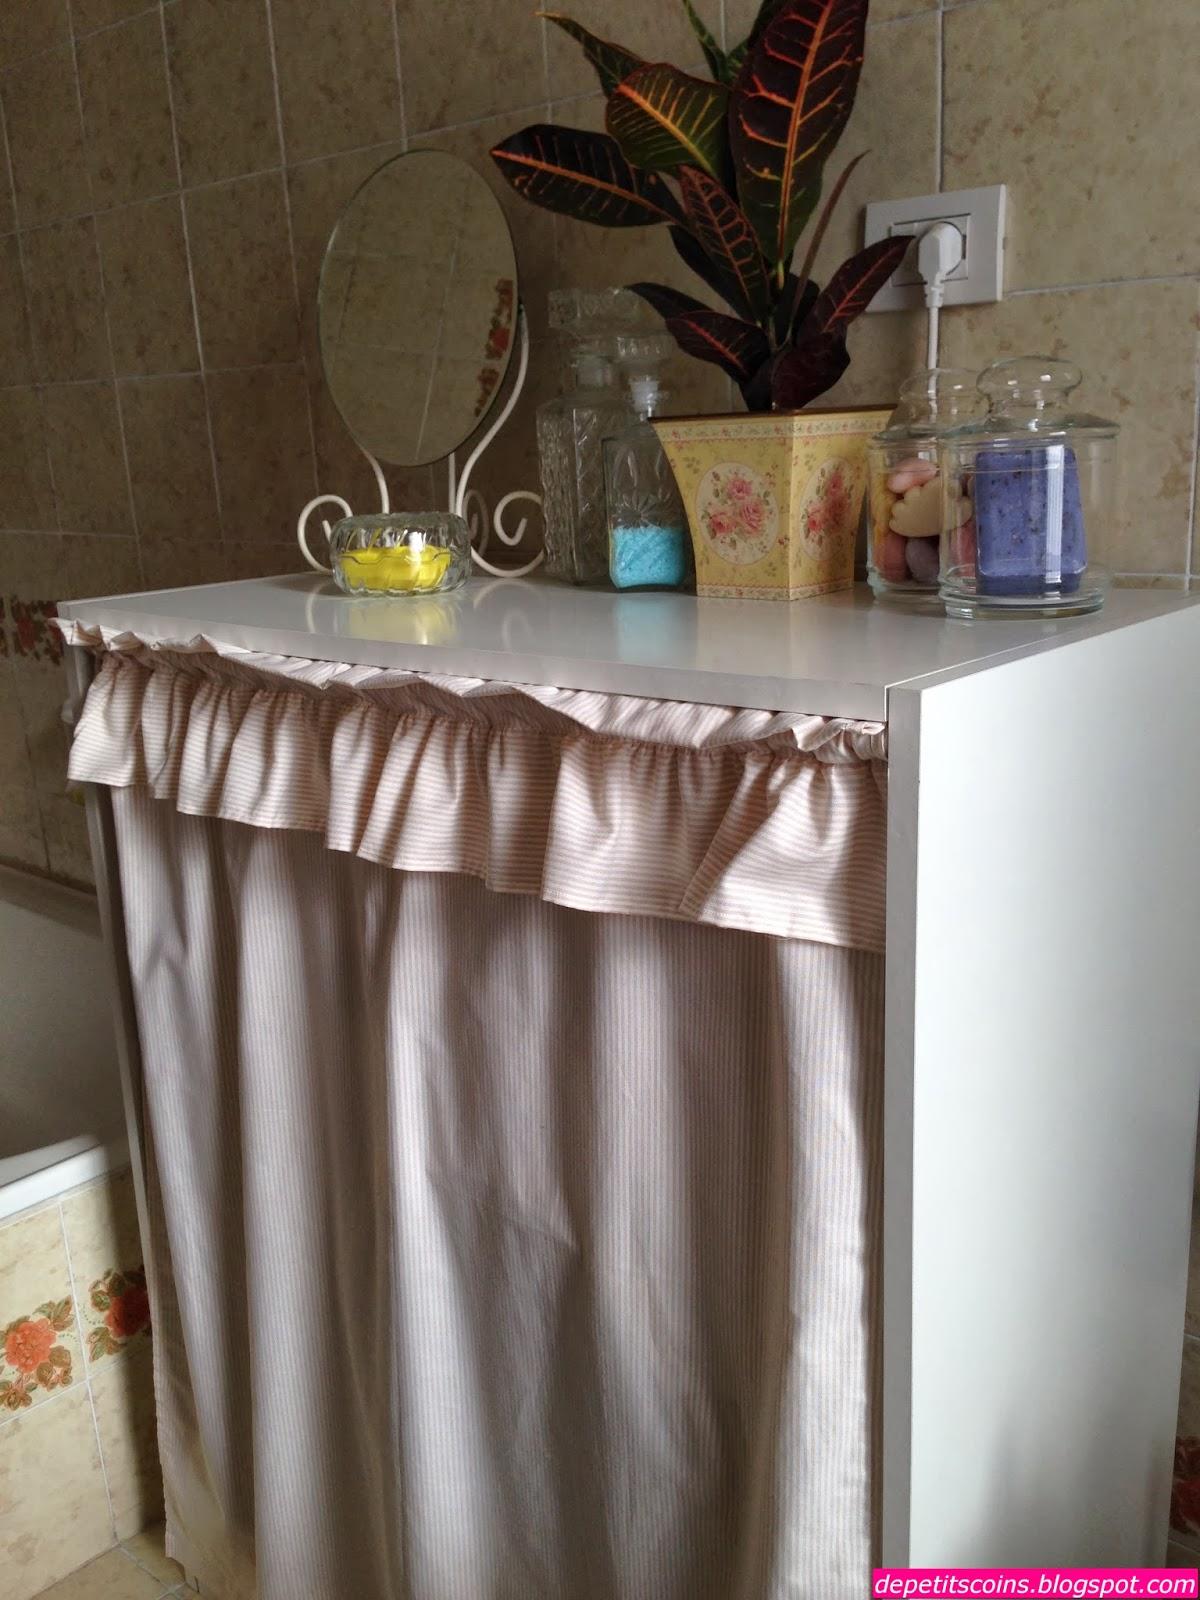 De petits coins mobile copri lavatrice - Costruire mobile bagno fai da te ...